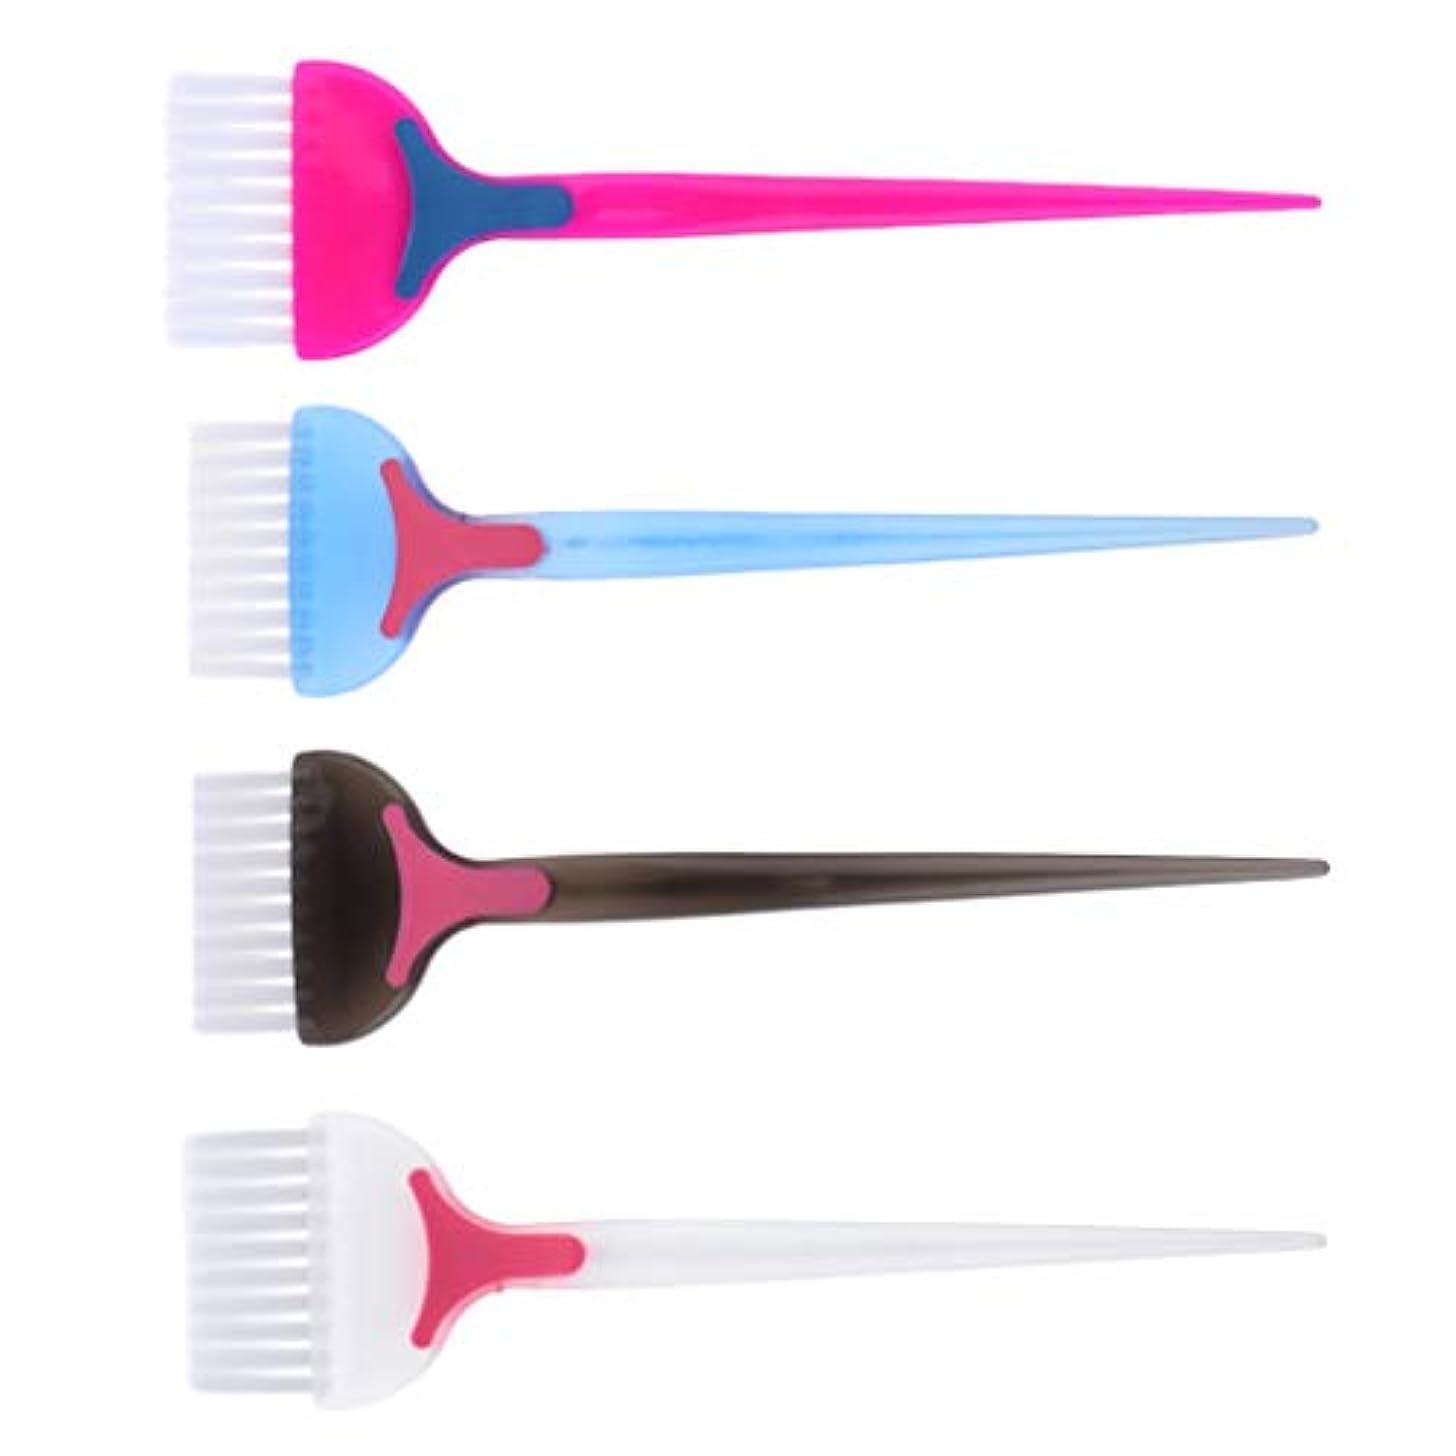 あからさま怠敬意を表するヘアダイ コーム 髪染めブラシ 天然樹脂 耐高温 帯電防止 靭性 壊れにくい 家庭用 美容師プロ用